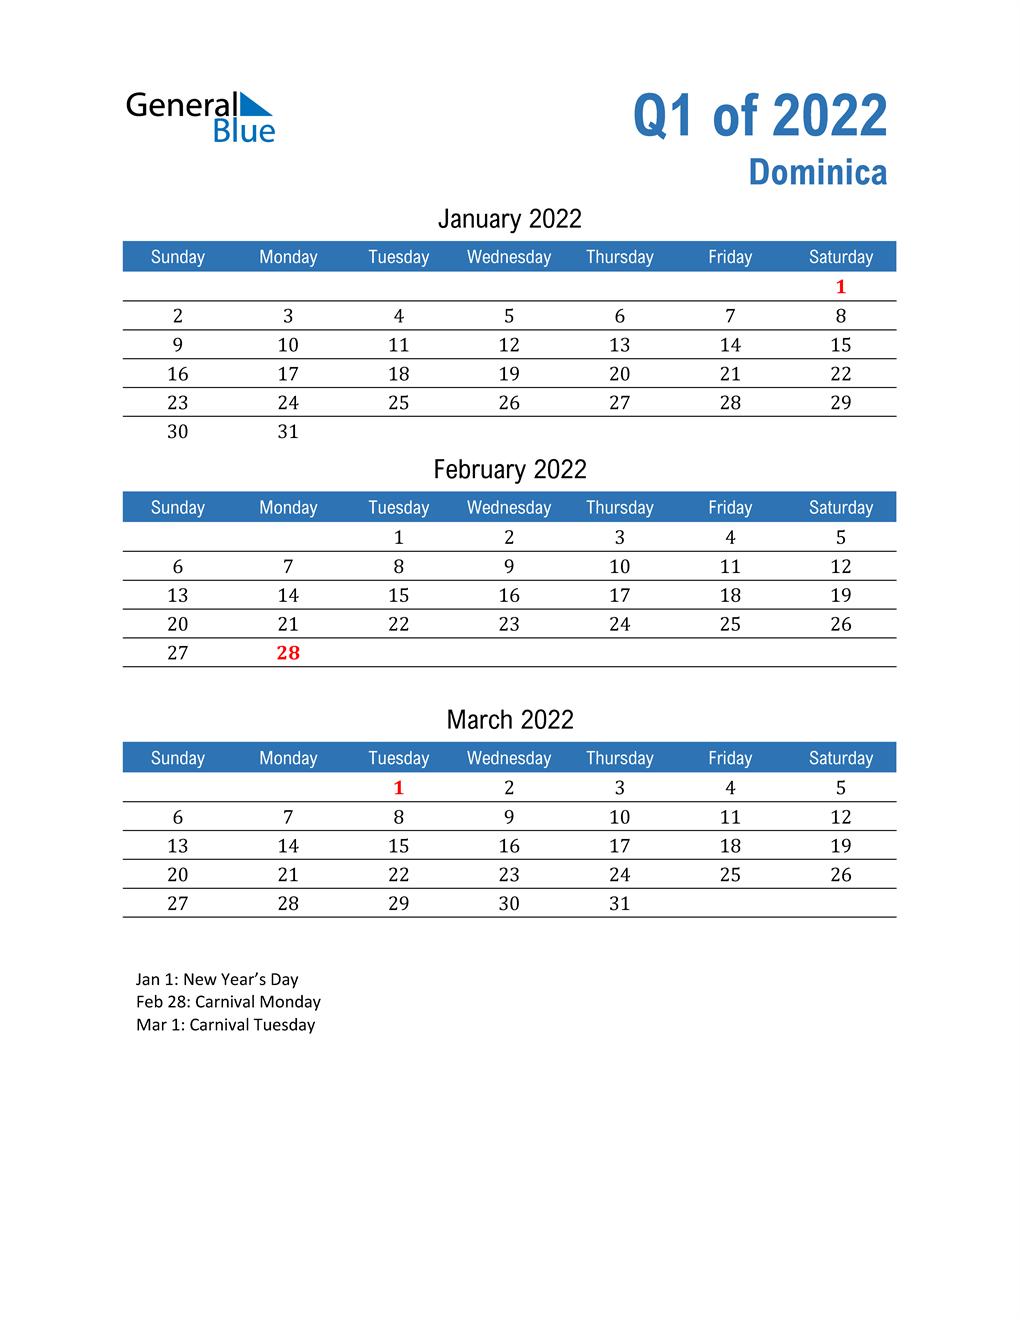 Dominica 2022 Quarterly Calendar